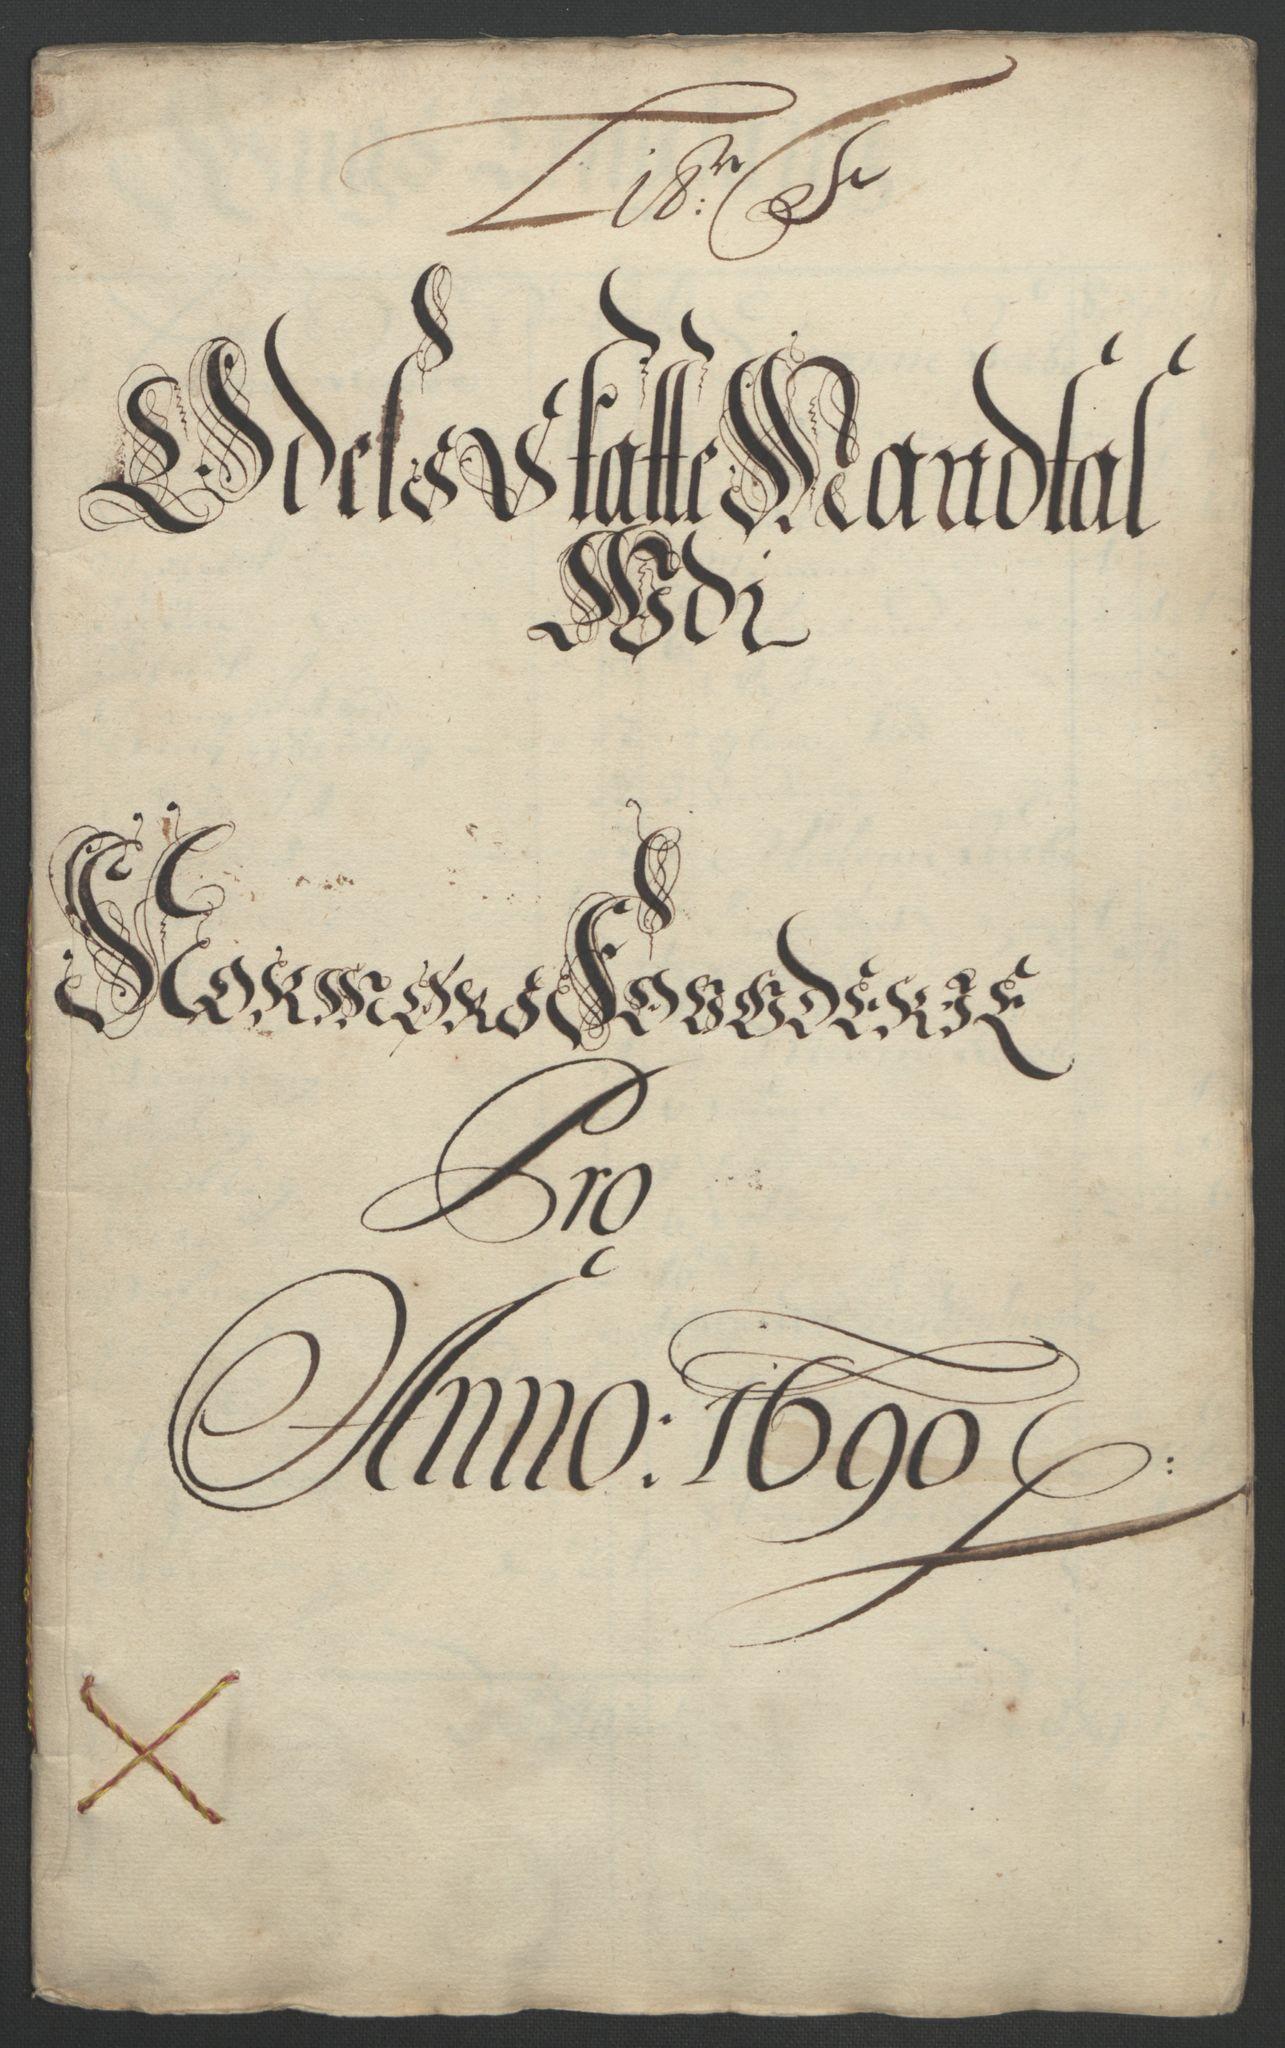 RA, Rentekammeret inntil 1814, Reviderte regnskaper, Fogderegnskap, R56/L3734: Fogderegnskap Nordmøre, 1690-1691, s. 91